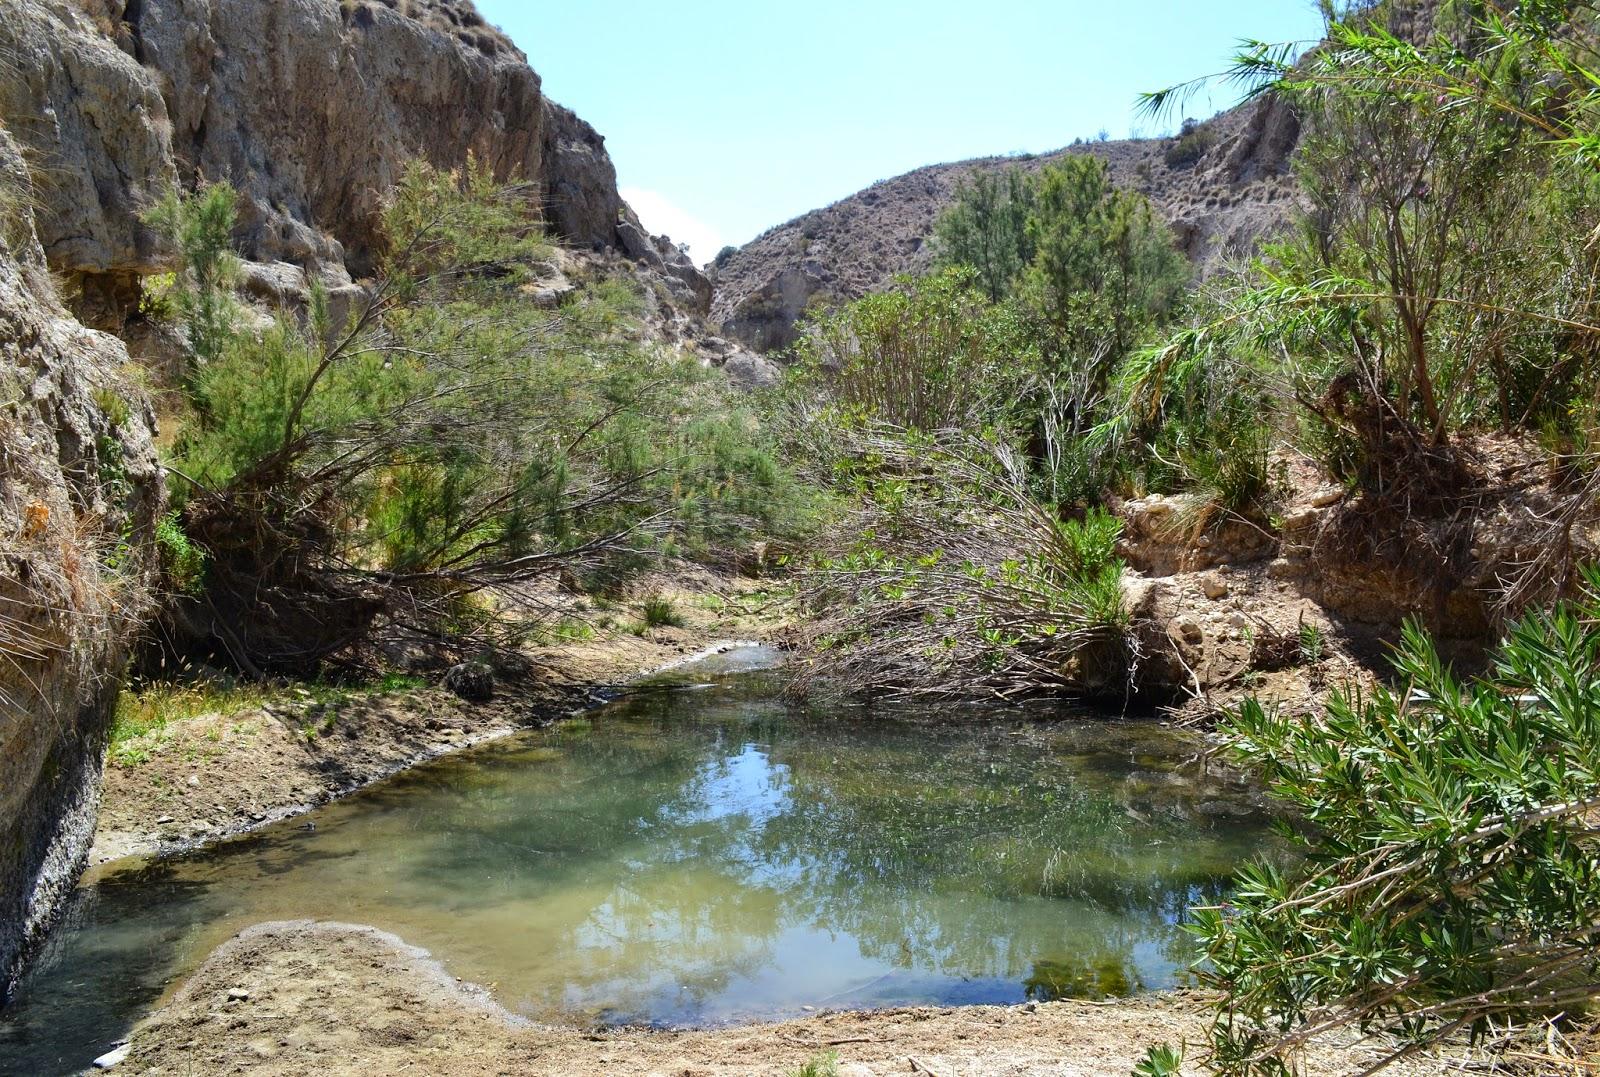 Maravillas de Almería: Los Molinos del Río Aguas